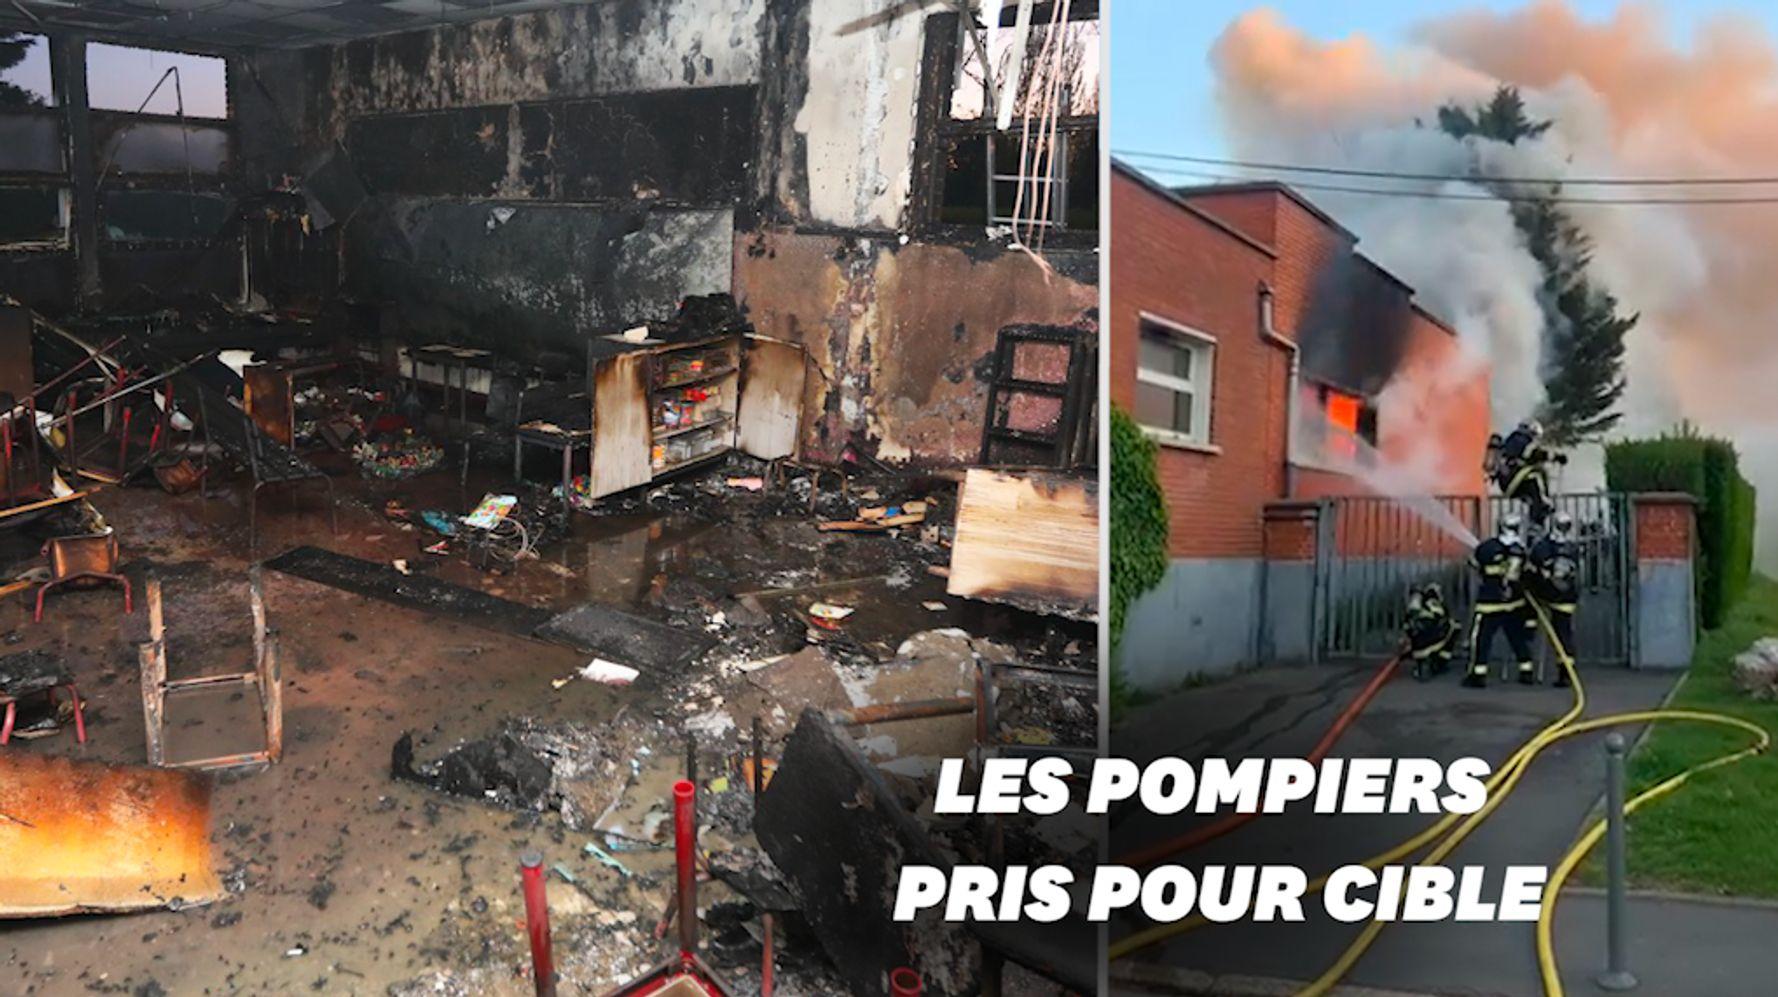 À Lille, un incendie ravage une école maternelle, Aubry dénonce un acte